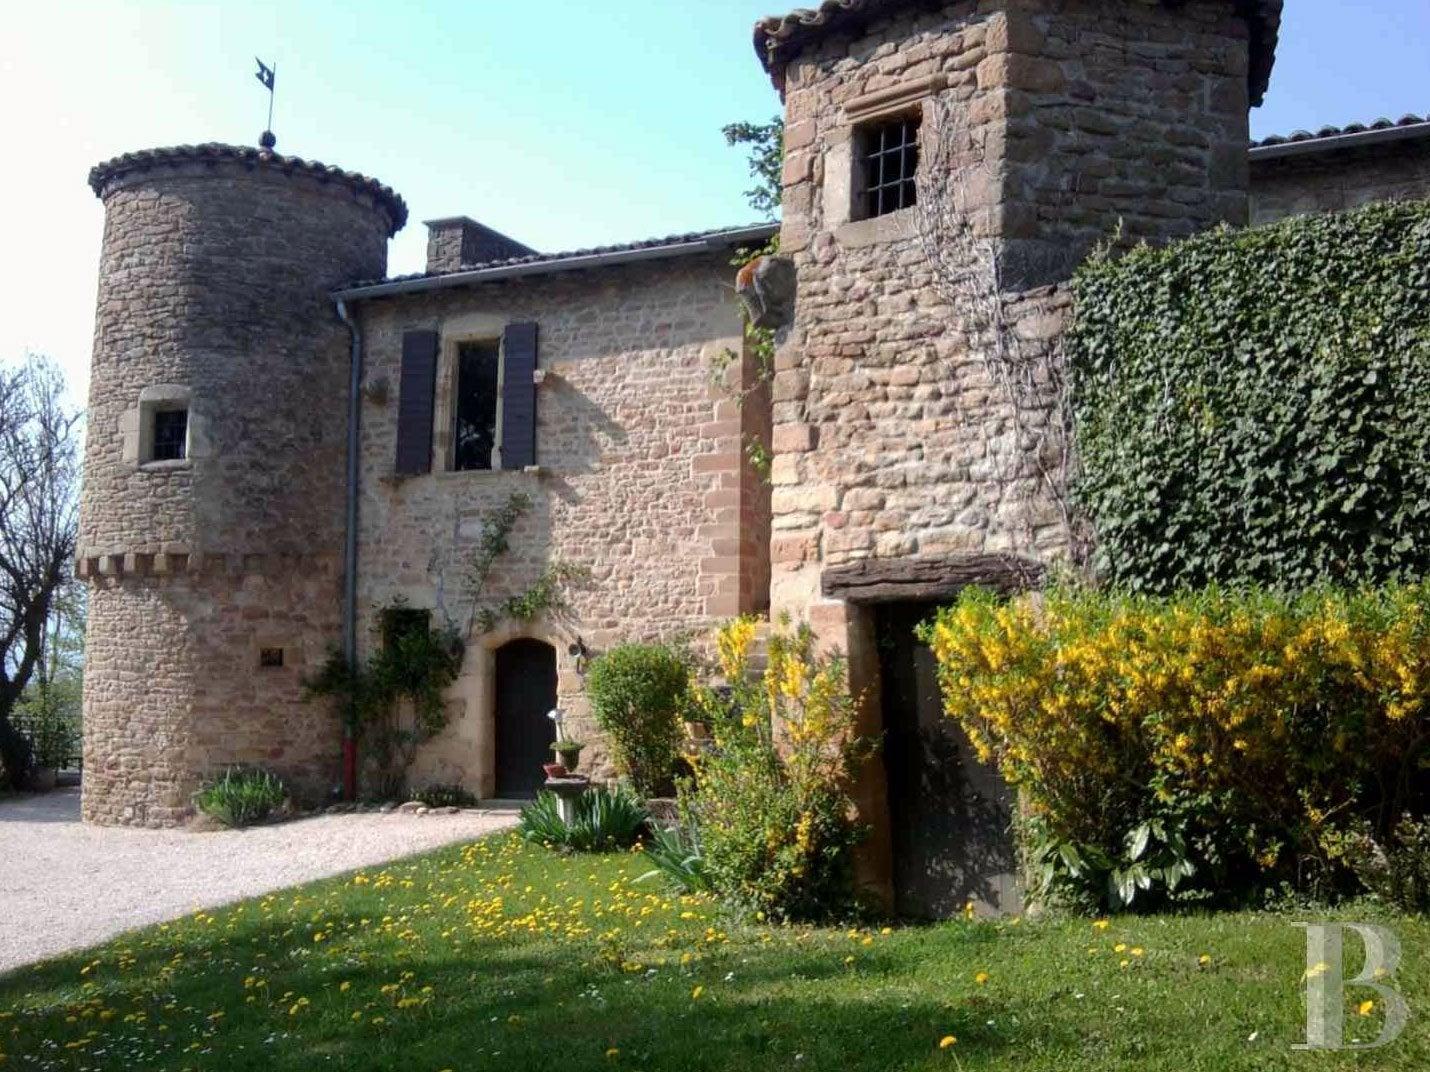 castles - 18 you can live in - bob vila